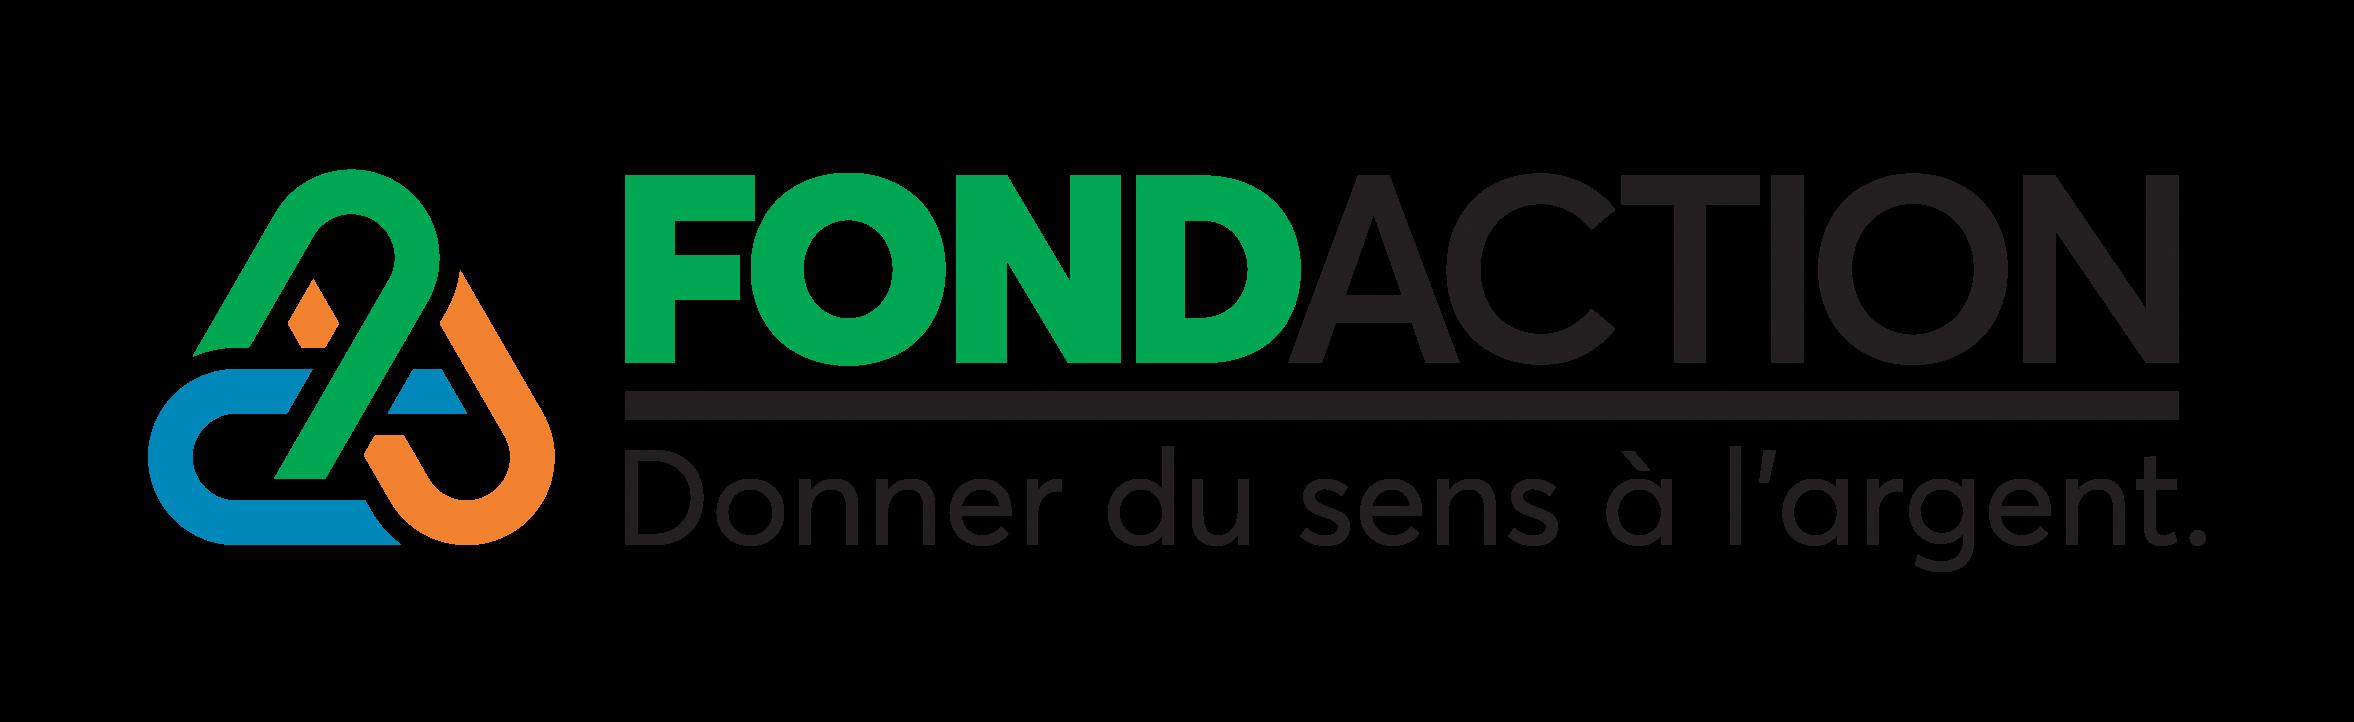 Logo Fondaction donner du sens à l'argent.